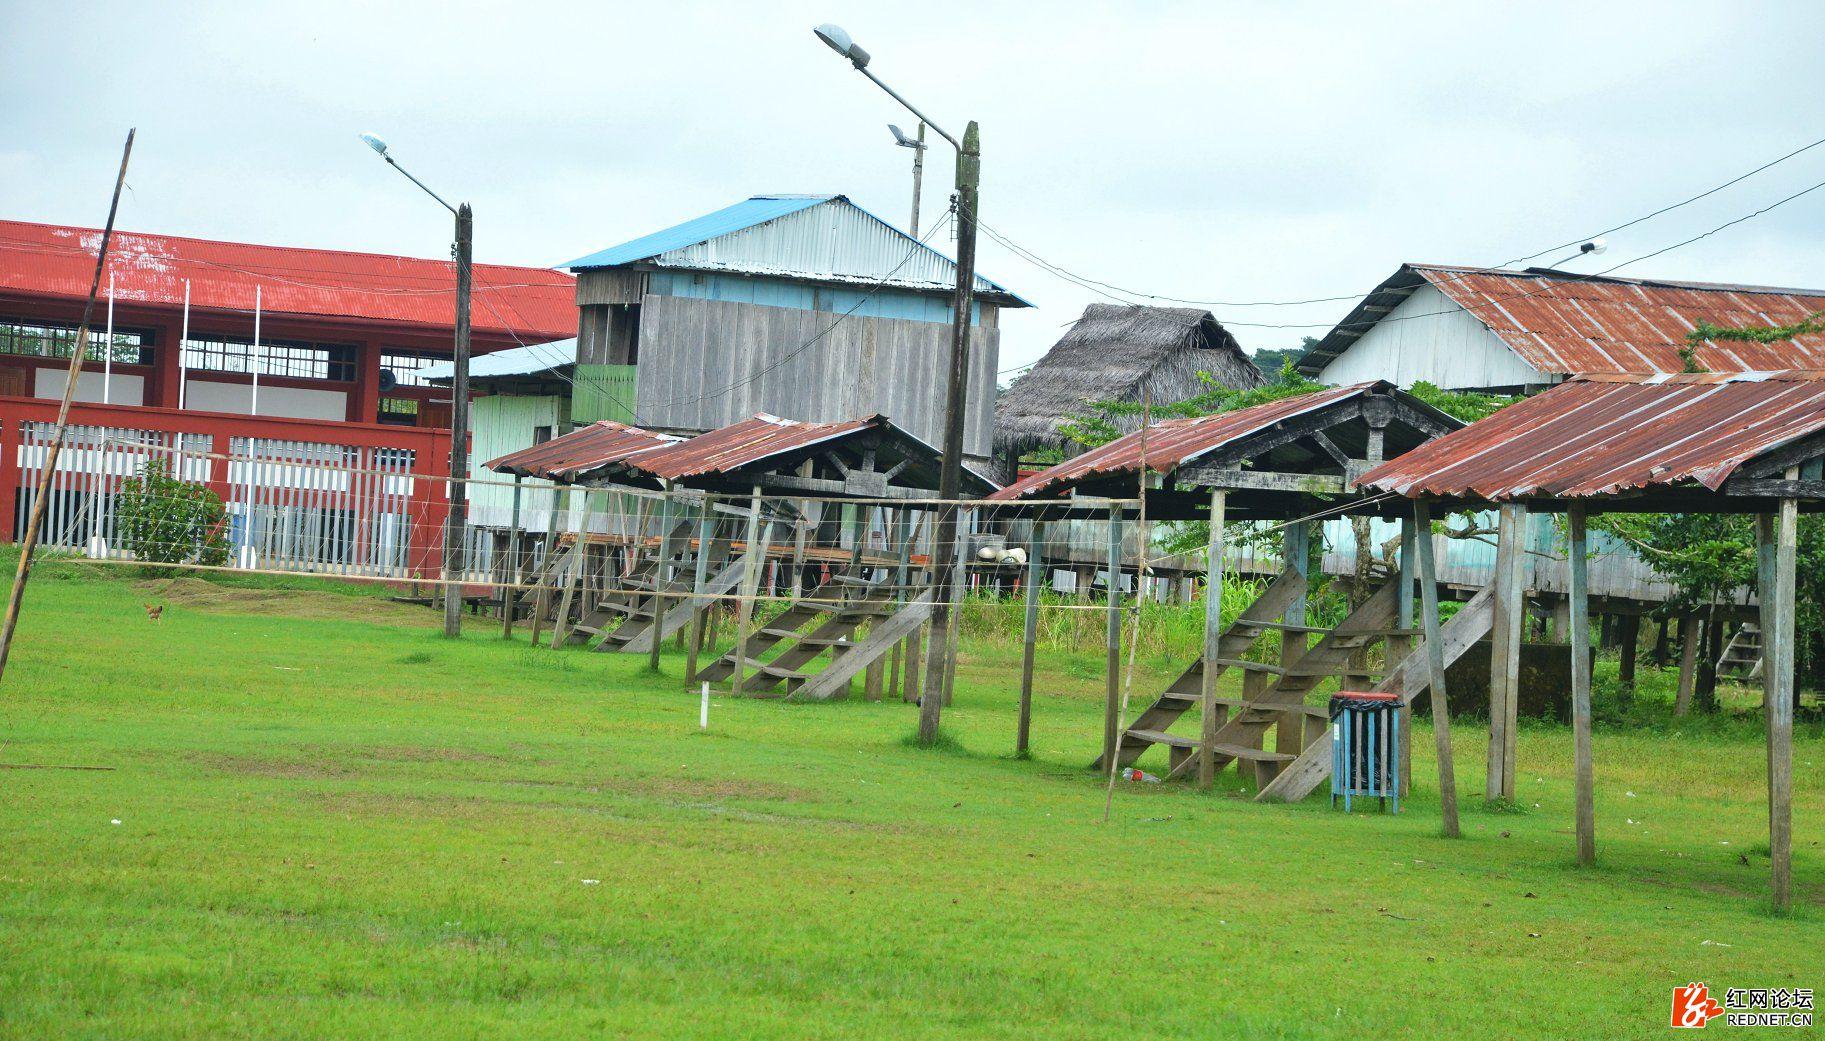 3伊基托斯亚马逊河564.JPG